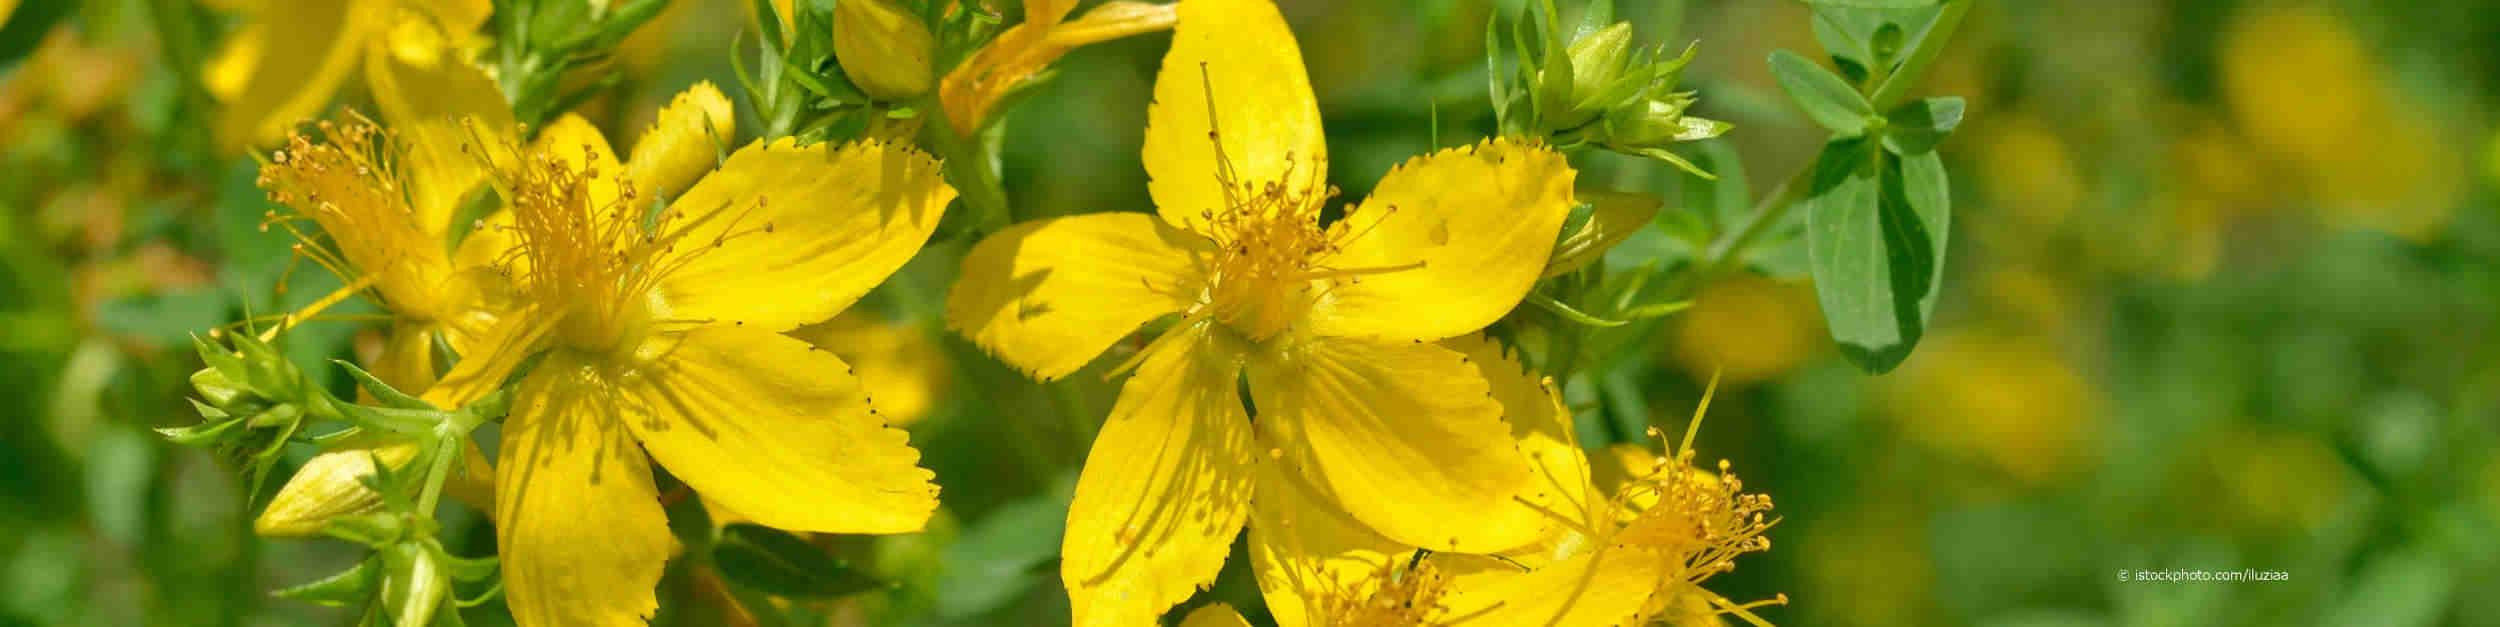 Johanniskraut, lateinisch Hypericum perforatum, ist Heilpflanze des Jahres 2019 und hat goldgelbe, fünfzählige Blütenblätter.